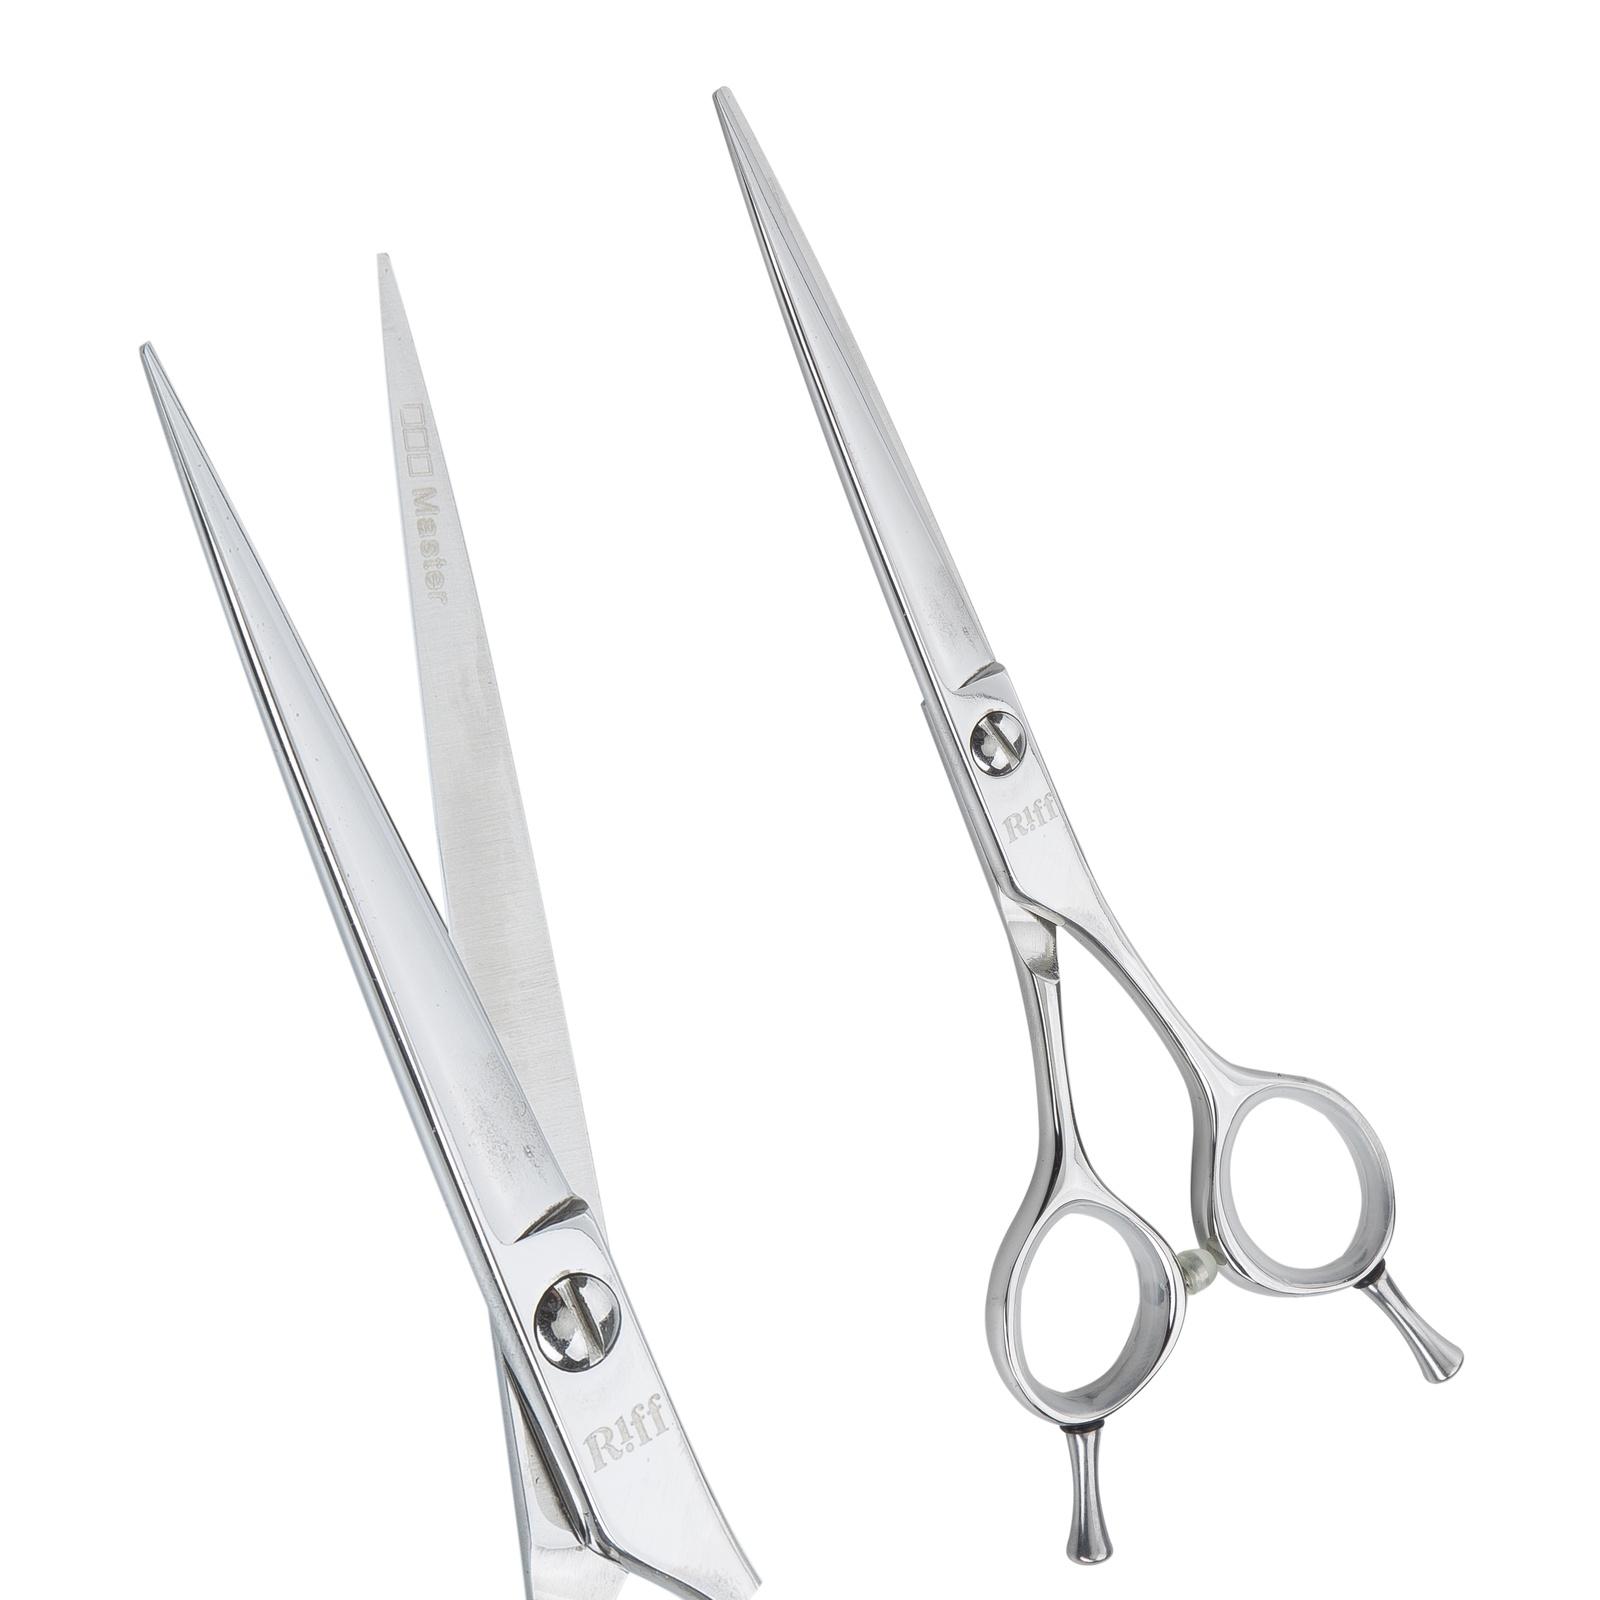 Ножницы парикмахерские RIFF Master, AM0260, 6 дюймов